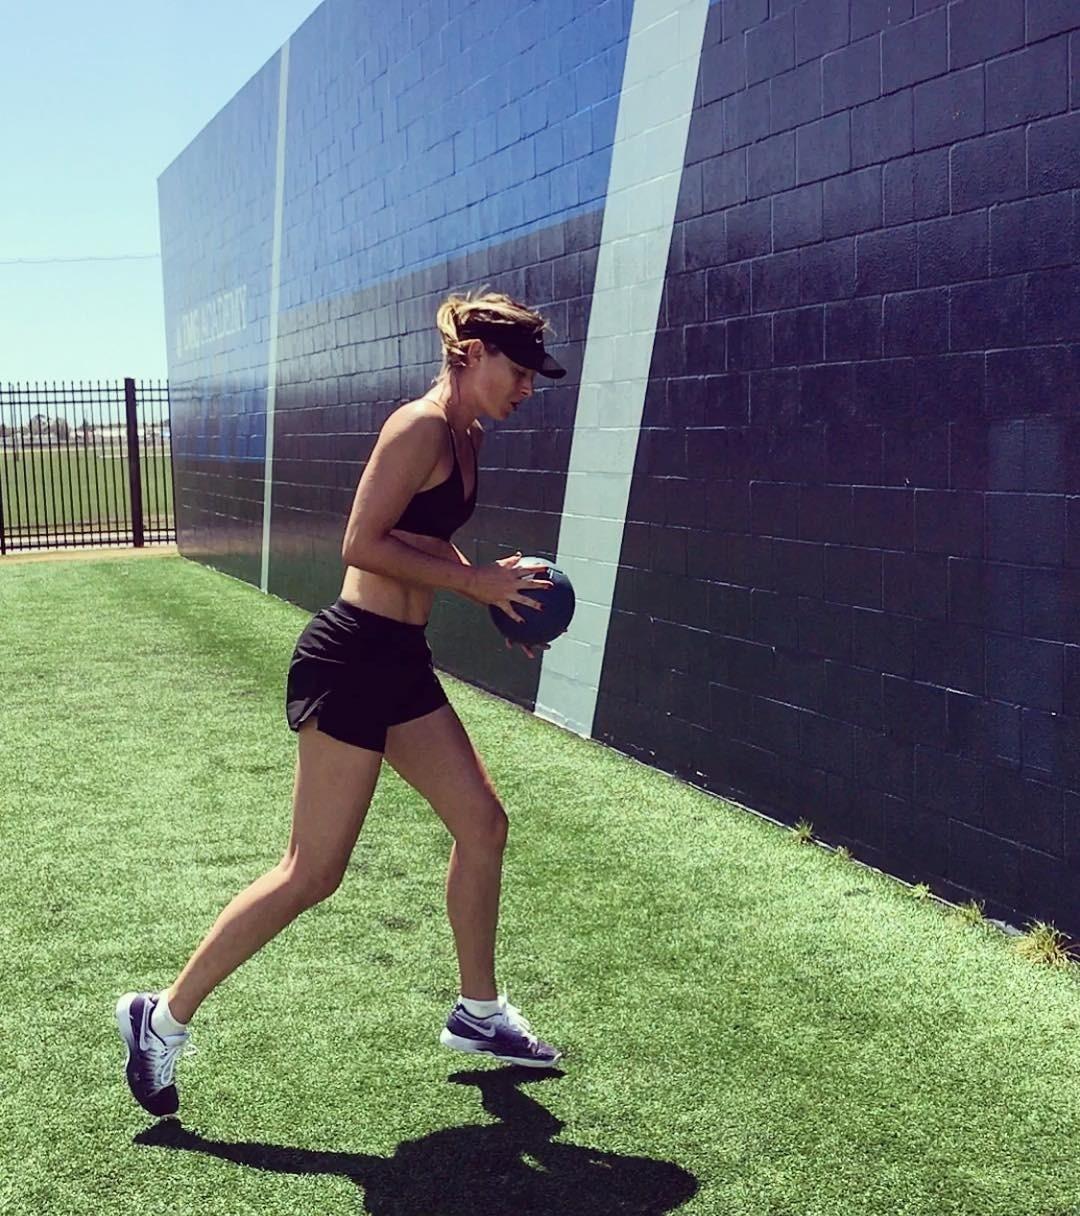 Также в своем микроблоге спортсменка часто выкладывает короткие ролики, на которых показывает правильную технику выполнения упражнений. Помимо персональных тренировок, у Марии есть нескол...